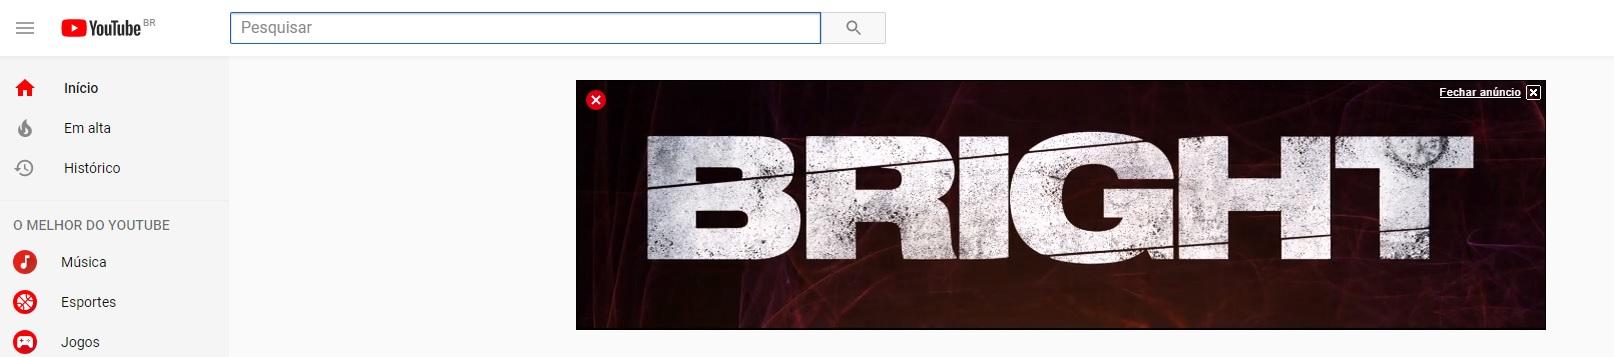 google adwords publicidade video